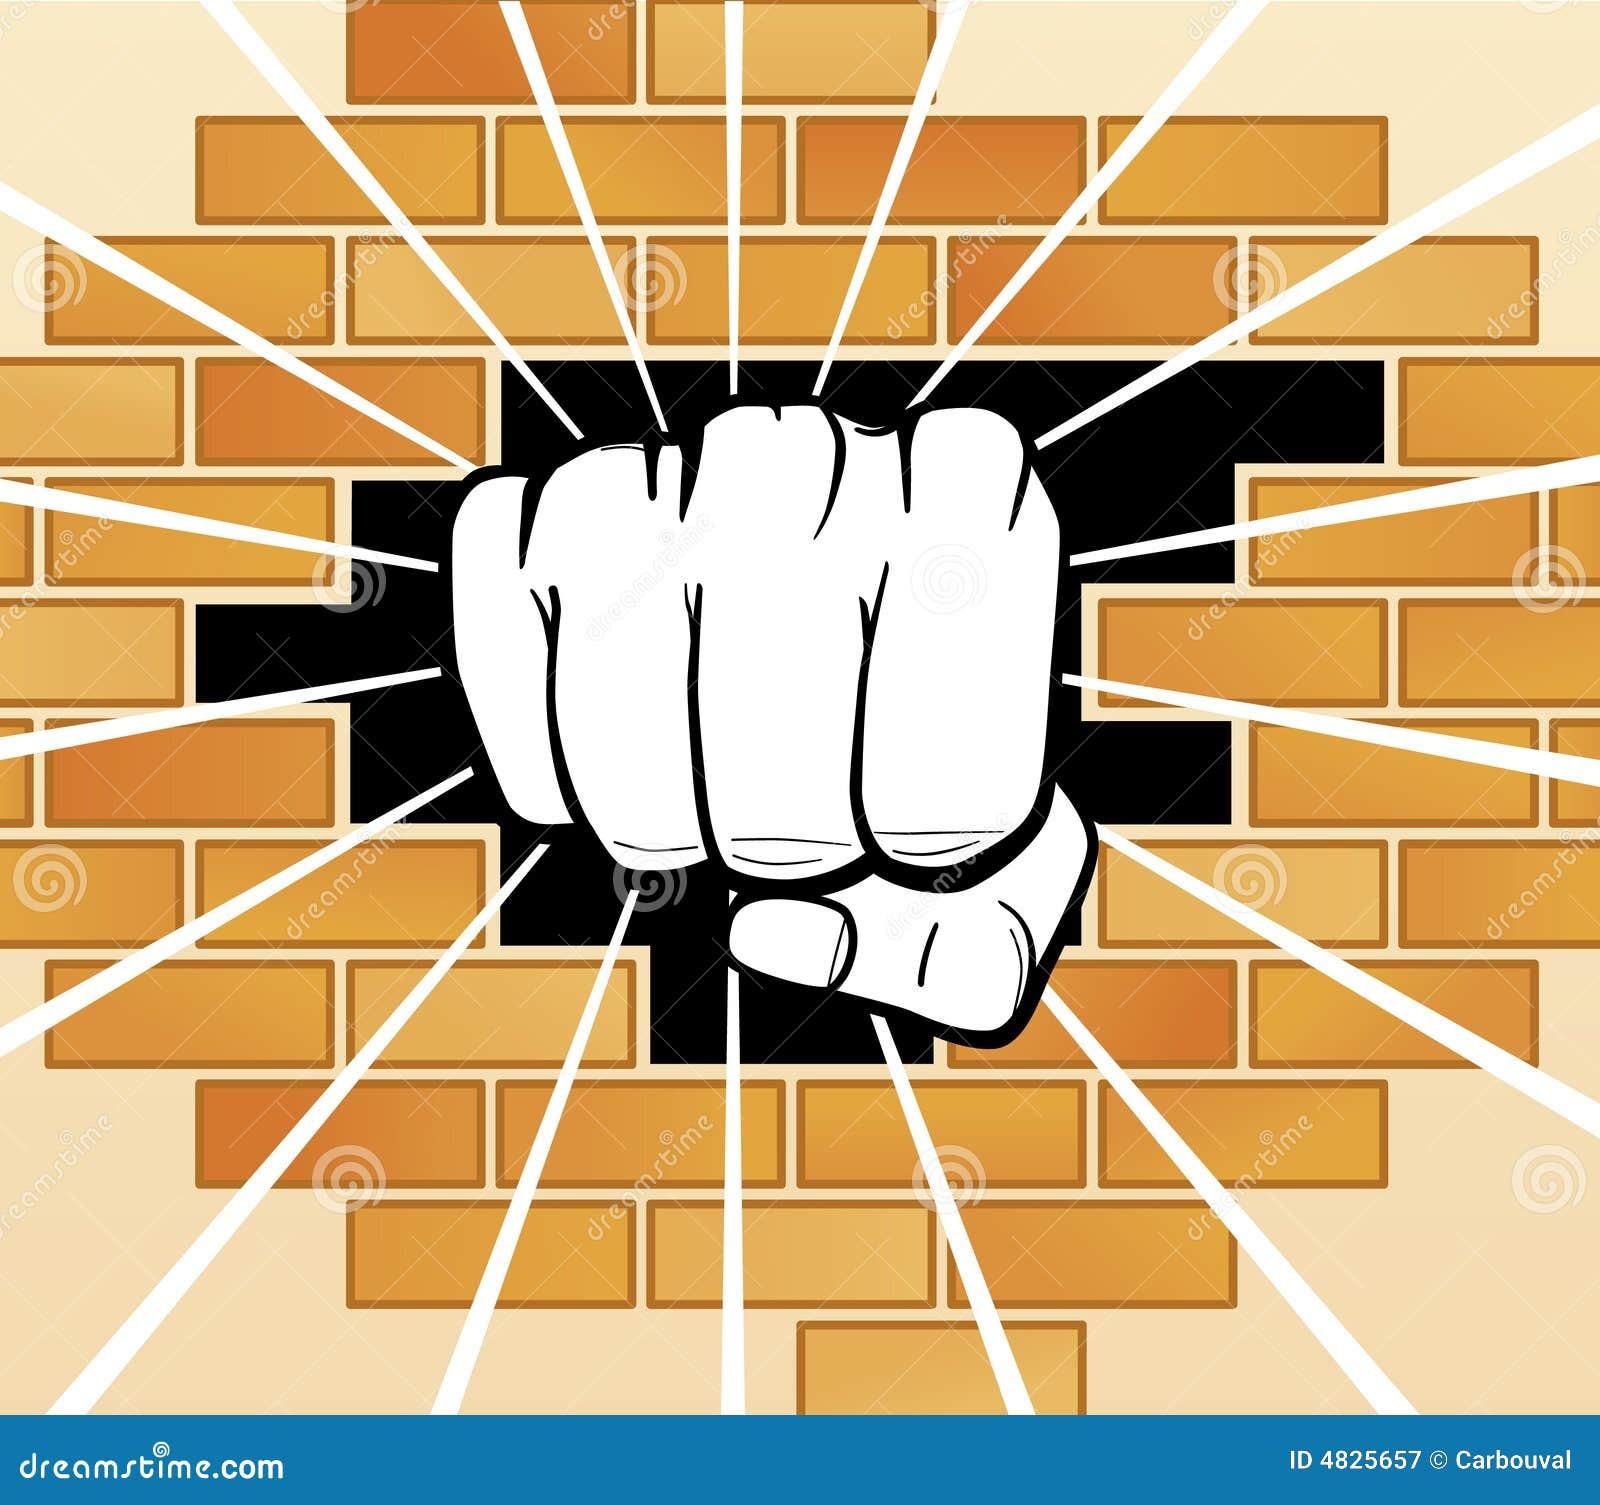 Faust, die eine Wand bricht